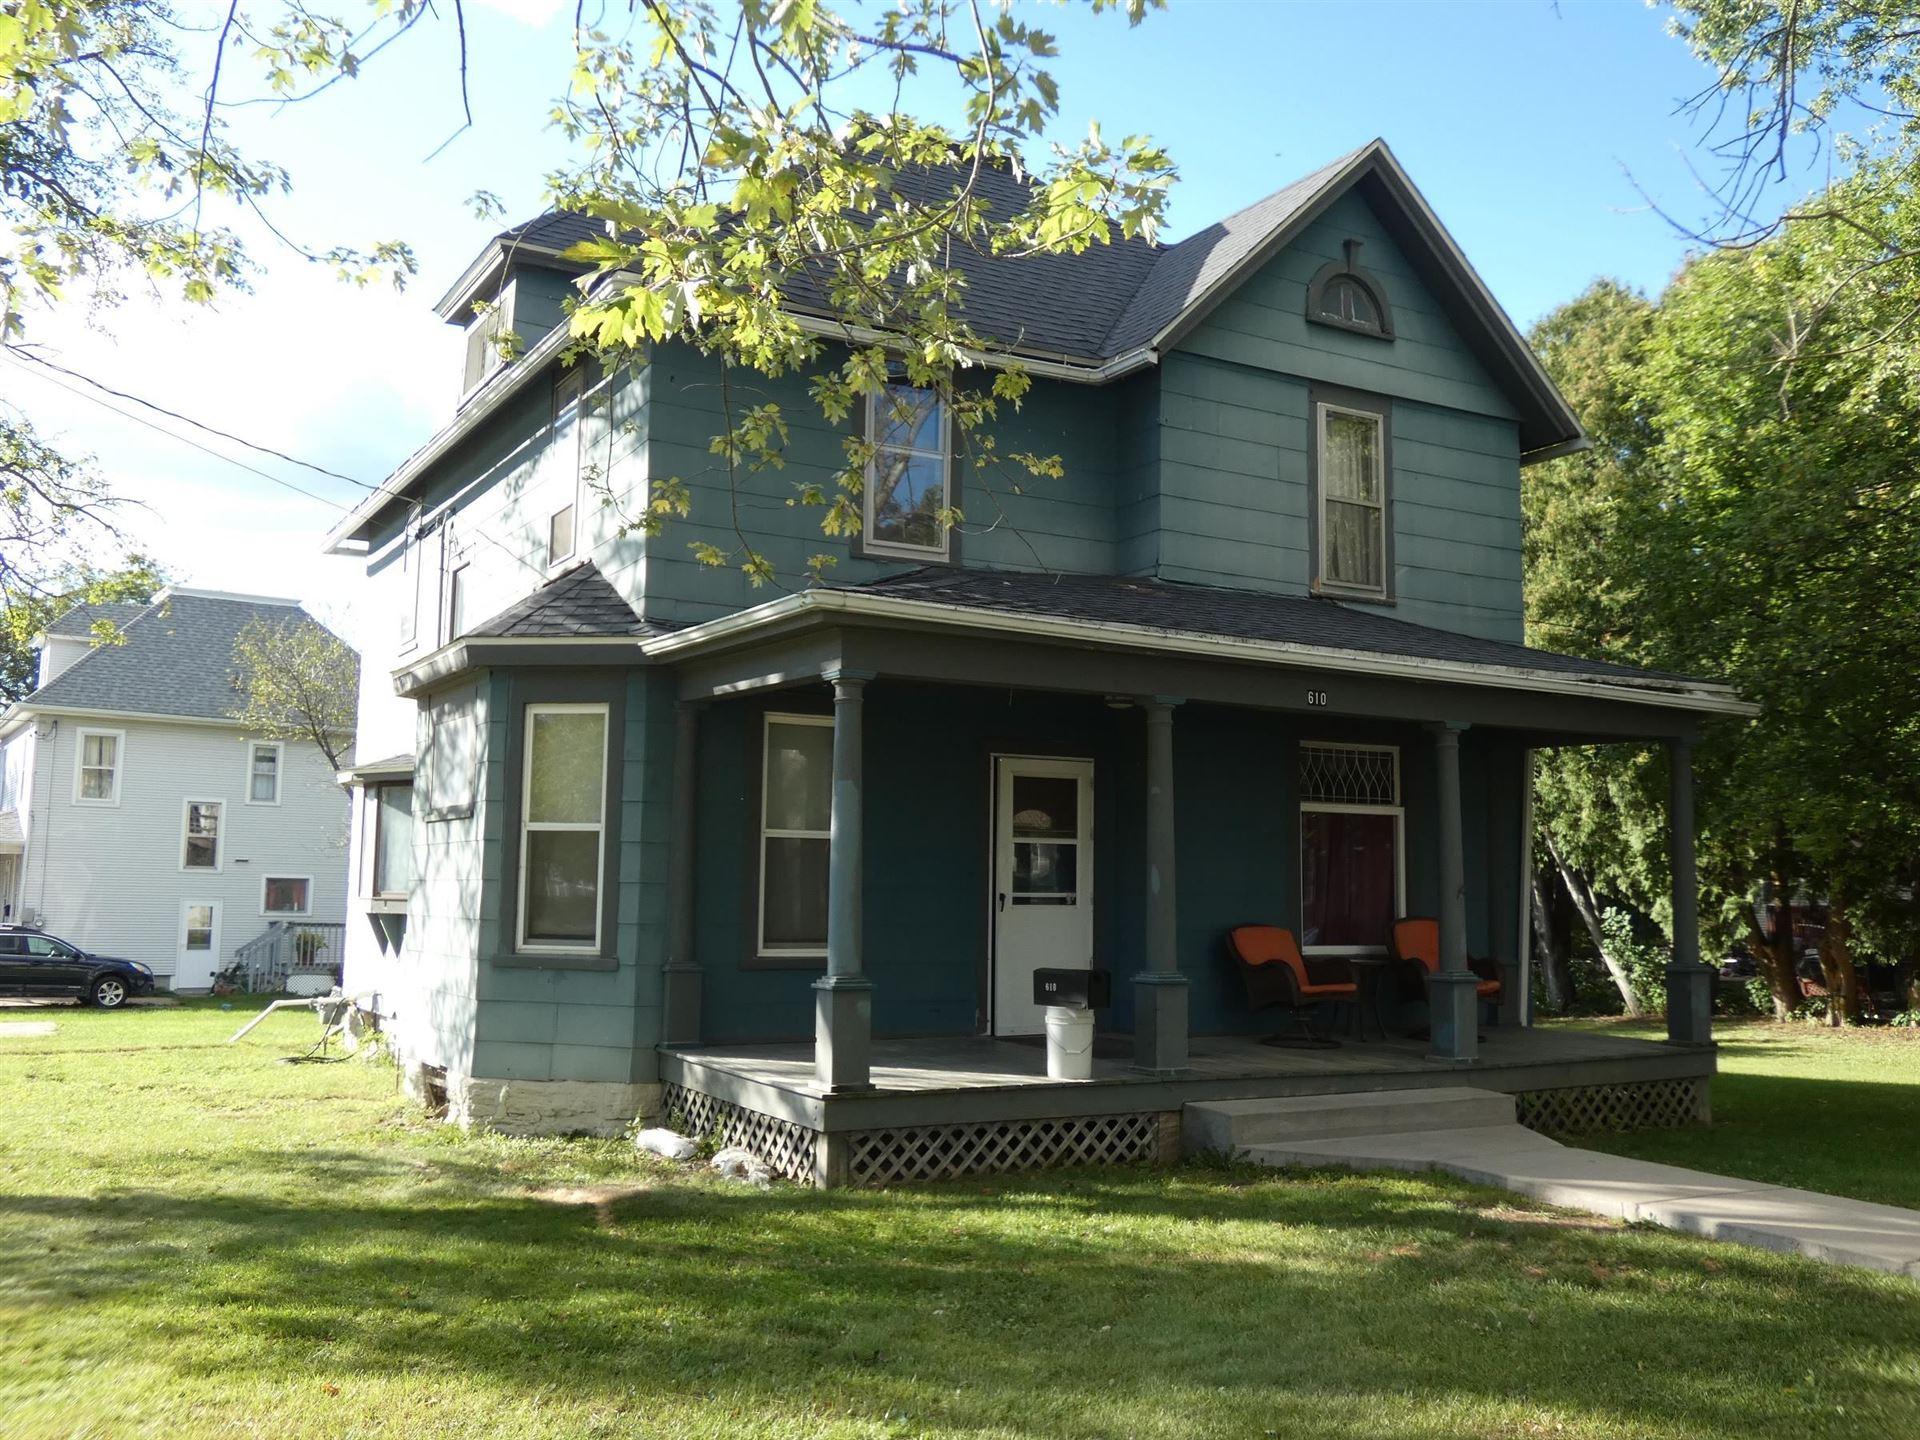 610 N 4th St, Platteville, WI 53818 - #: 1920379